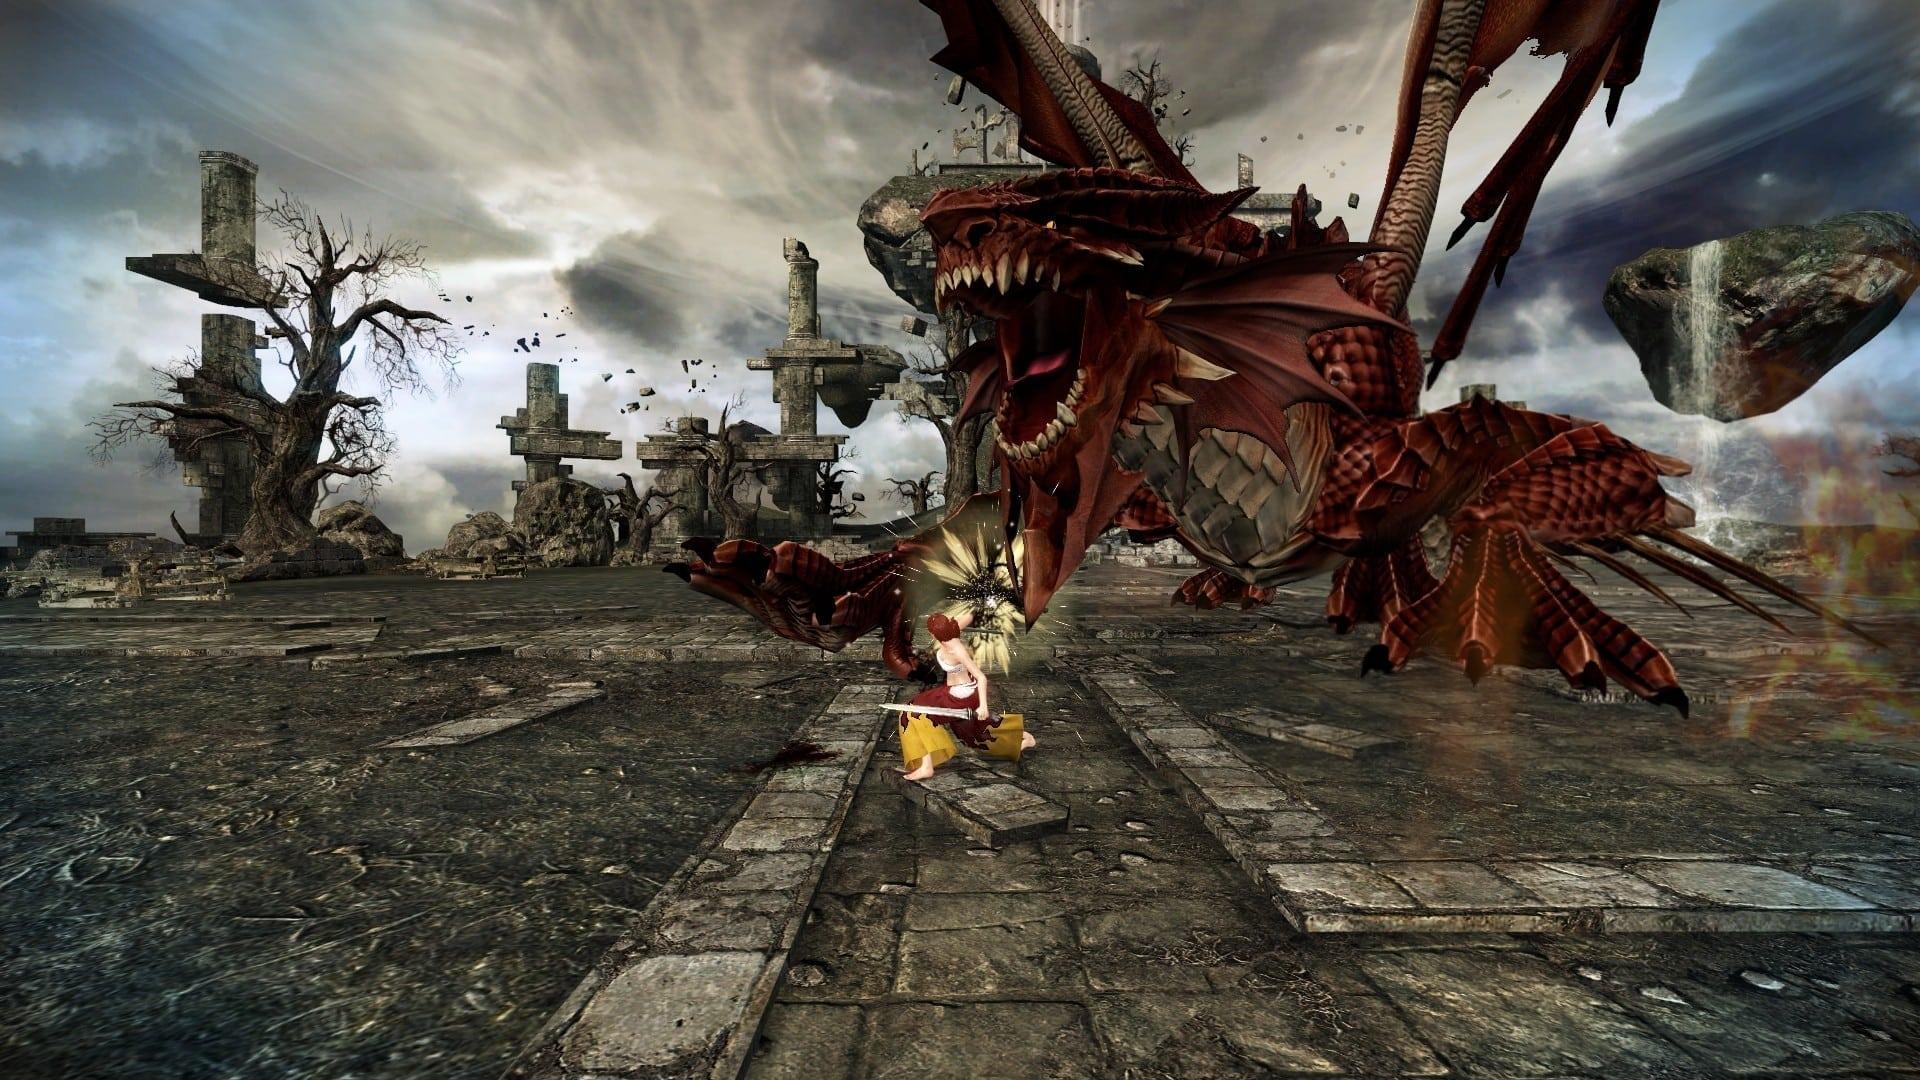 Mabinogi Heroes Japan - Fairy Tail combat screenshot 1